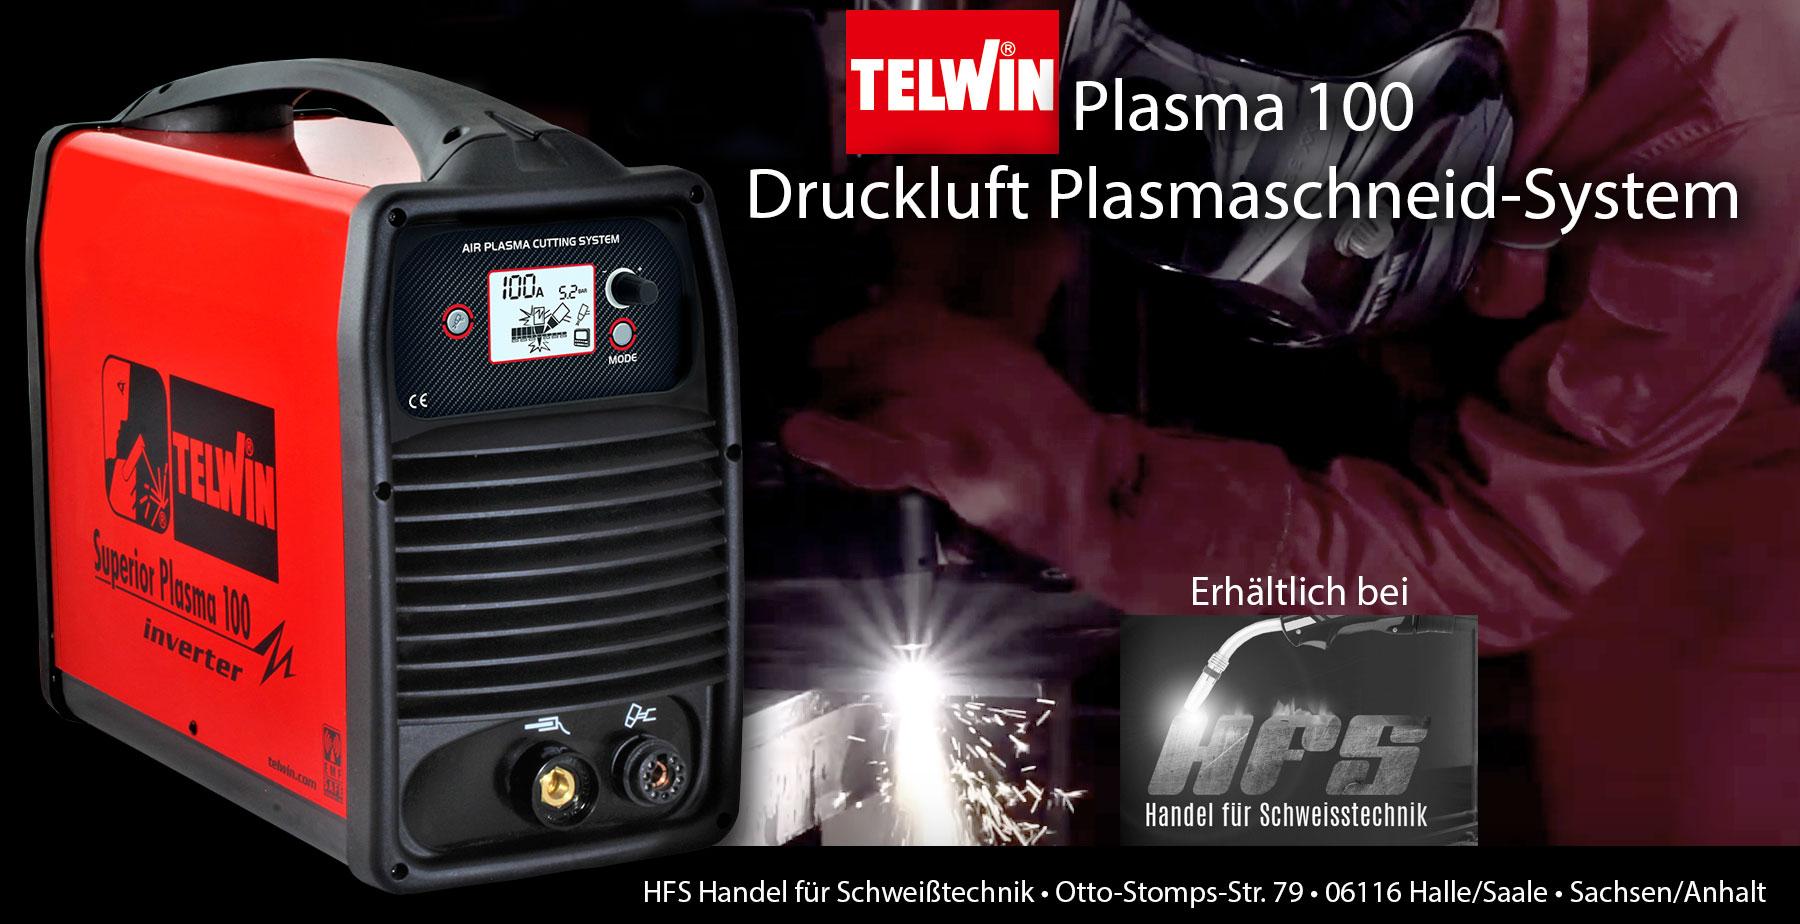 Plasmaschneider Plasmaschneid-System Druckluft Inverter Plasma 100 Telwin halle/Saale Sachsen/Anhalt